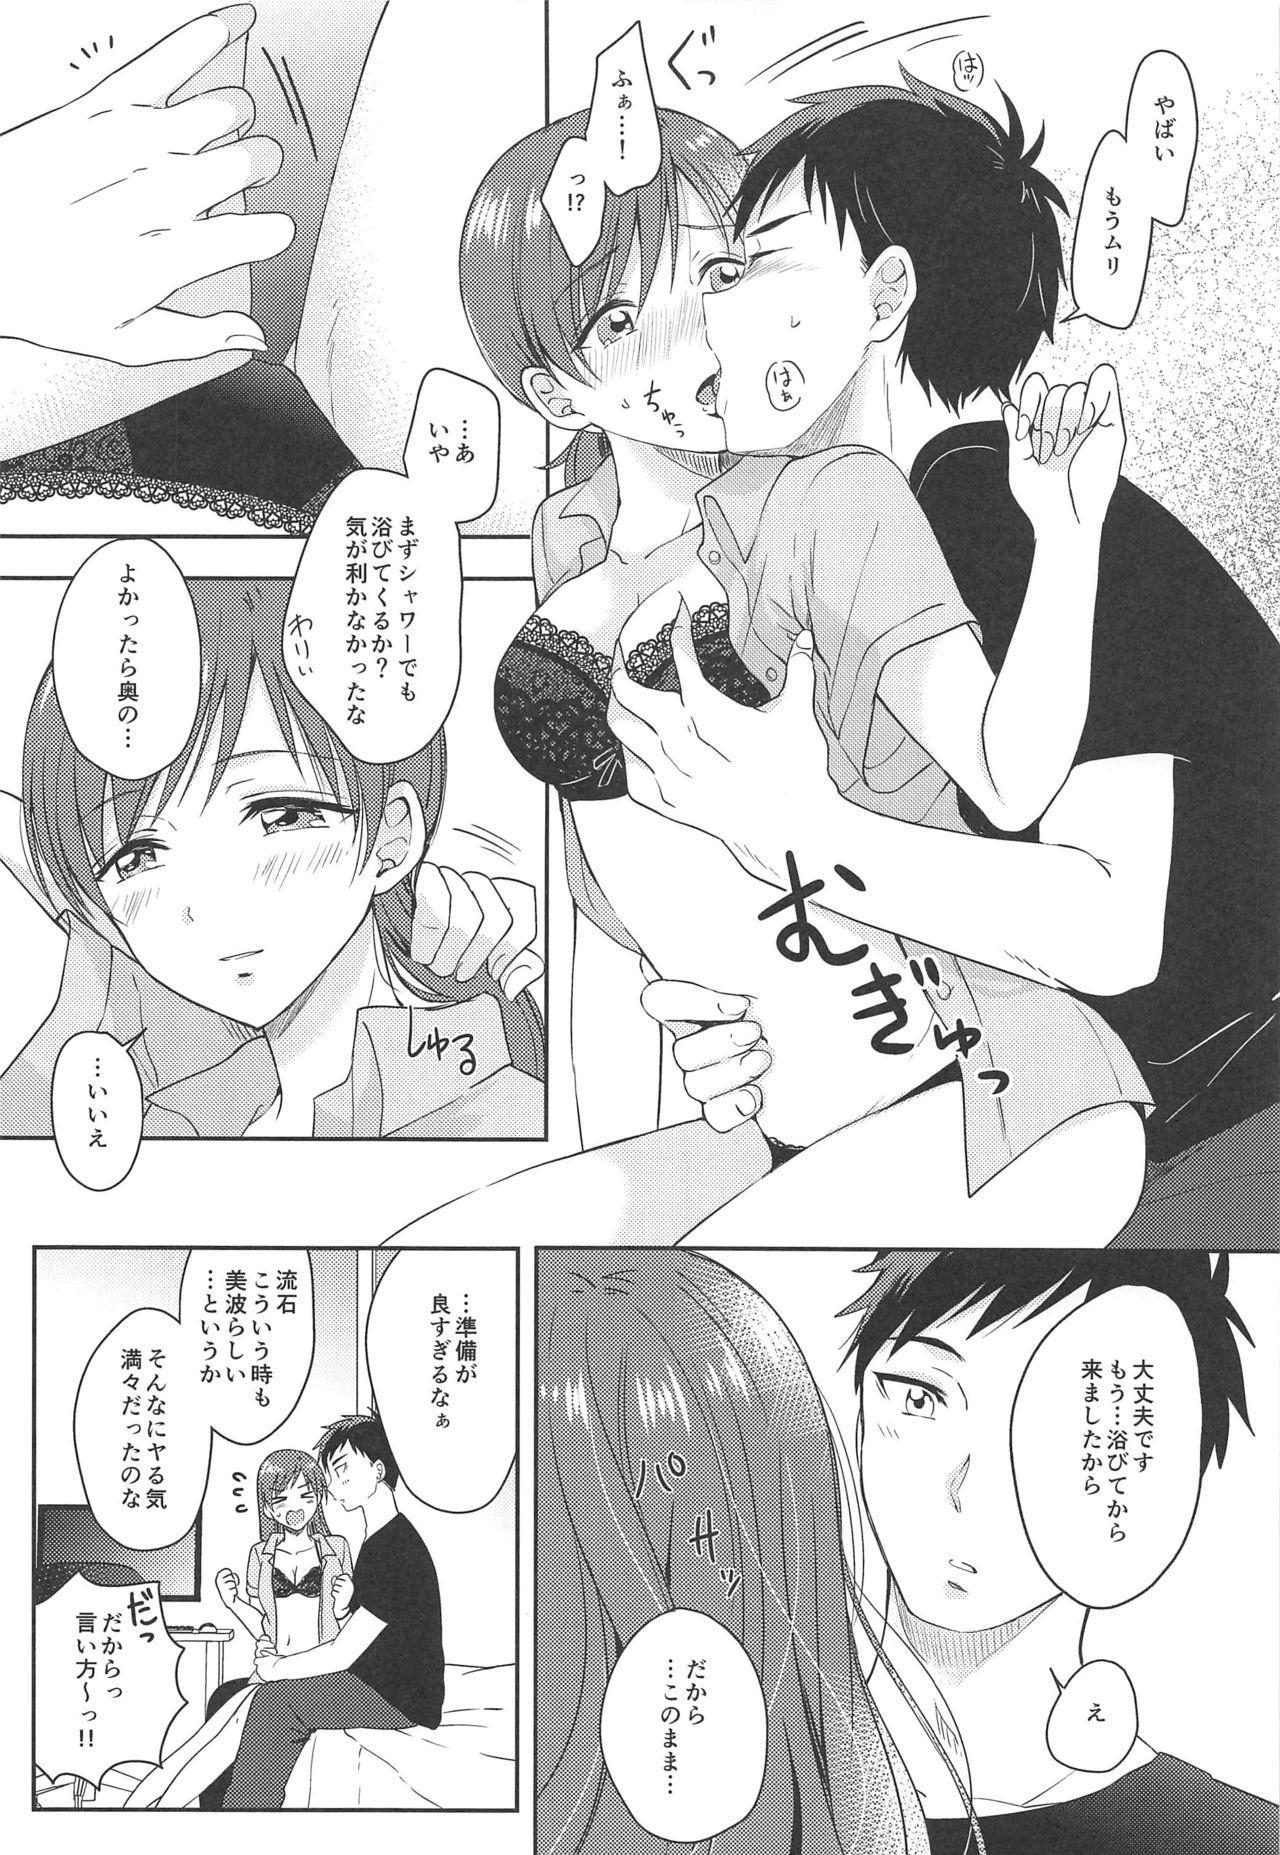 Minami no Hajimete 8